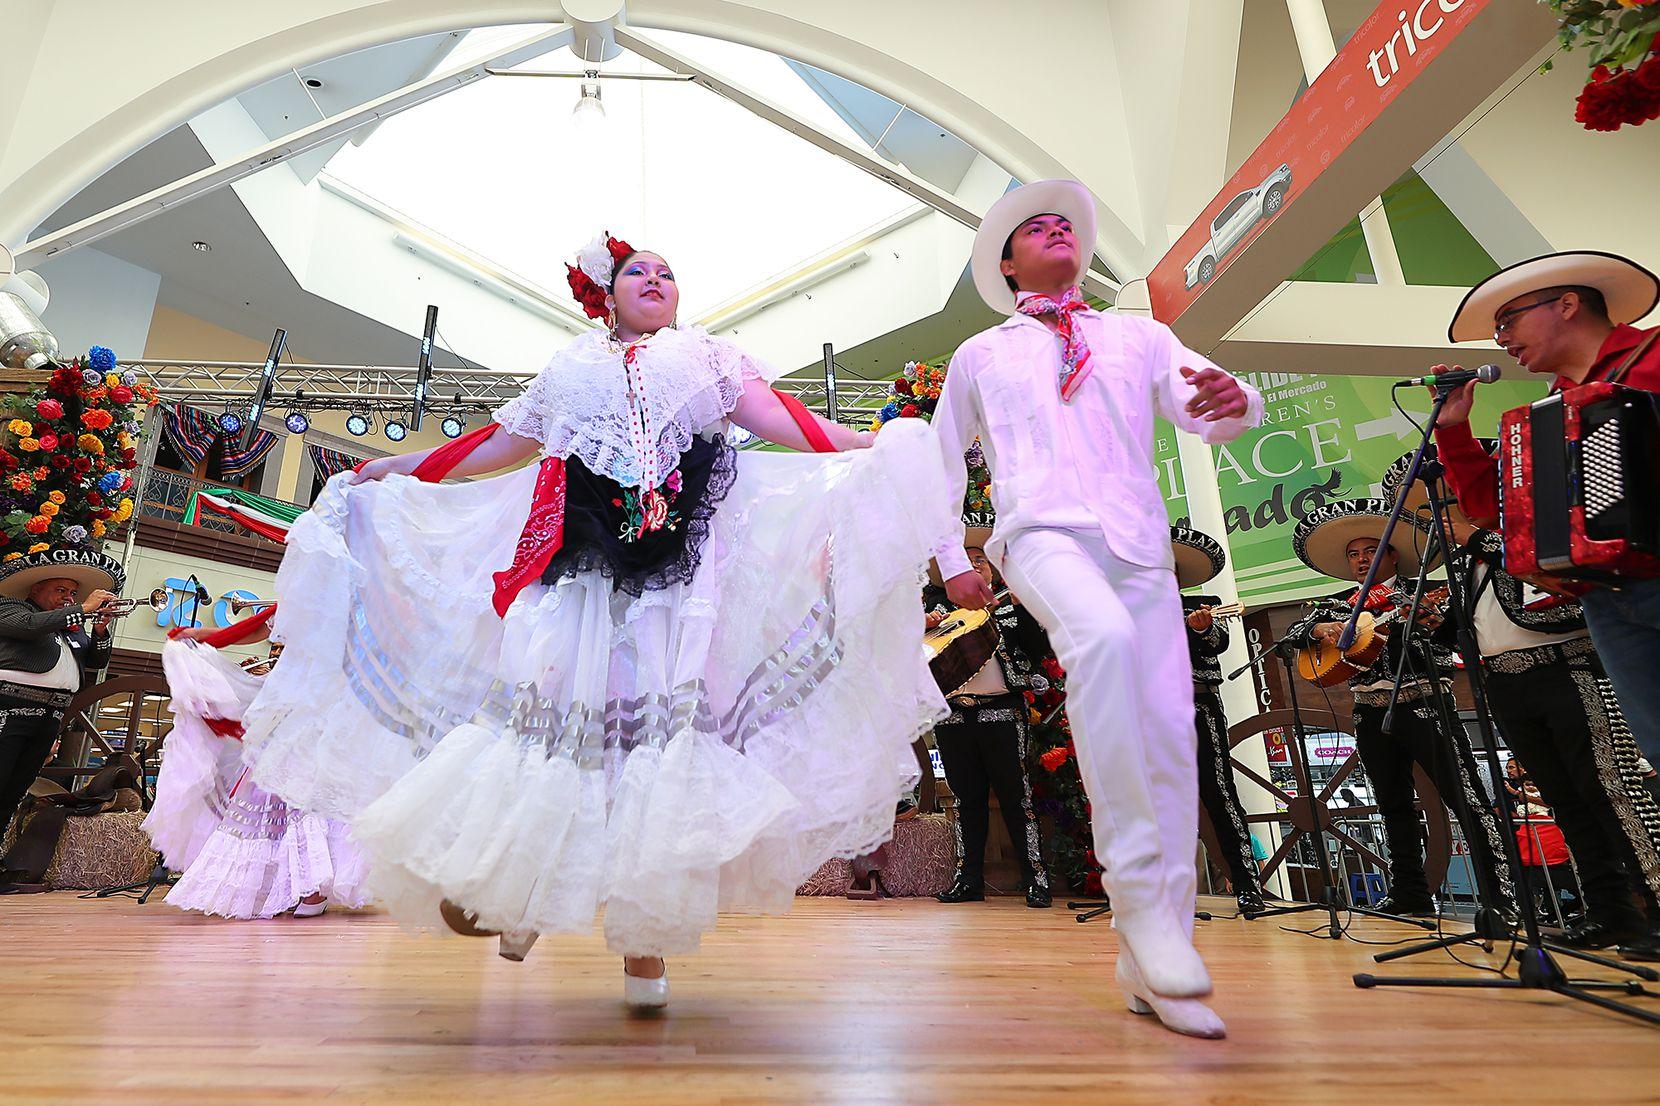 La celebración de El Grito en el centro comercial La Gran Plaza de Fort Worth contó con la presencia de mariachis, cantantes y bailarines folklóricos.